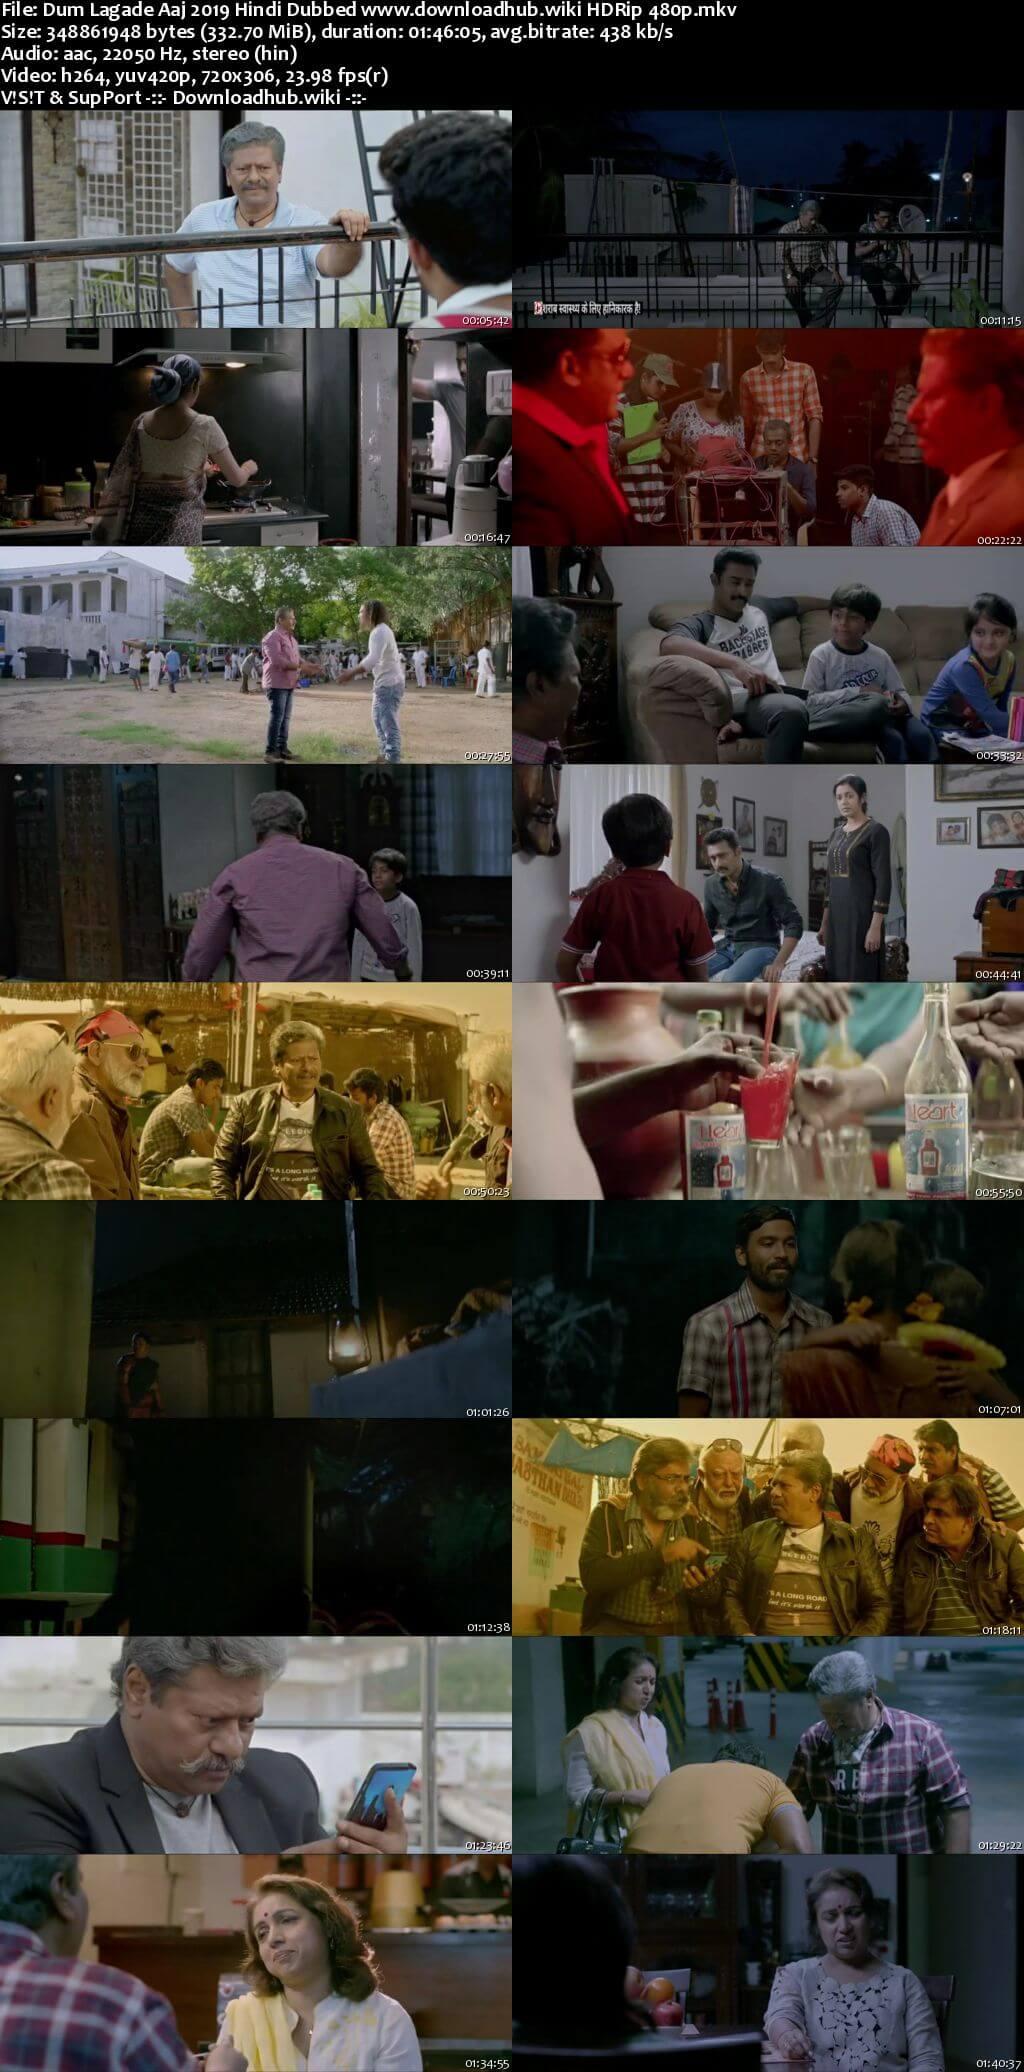 Dum Lagade Aaj 2019 Hindi Dubbed 300MB HDRip 480p